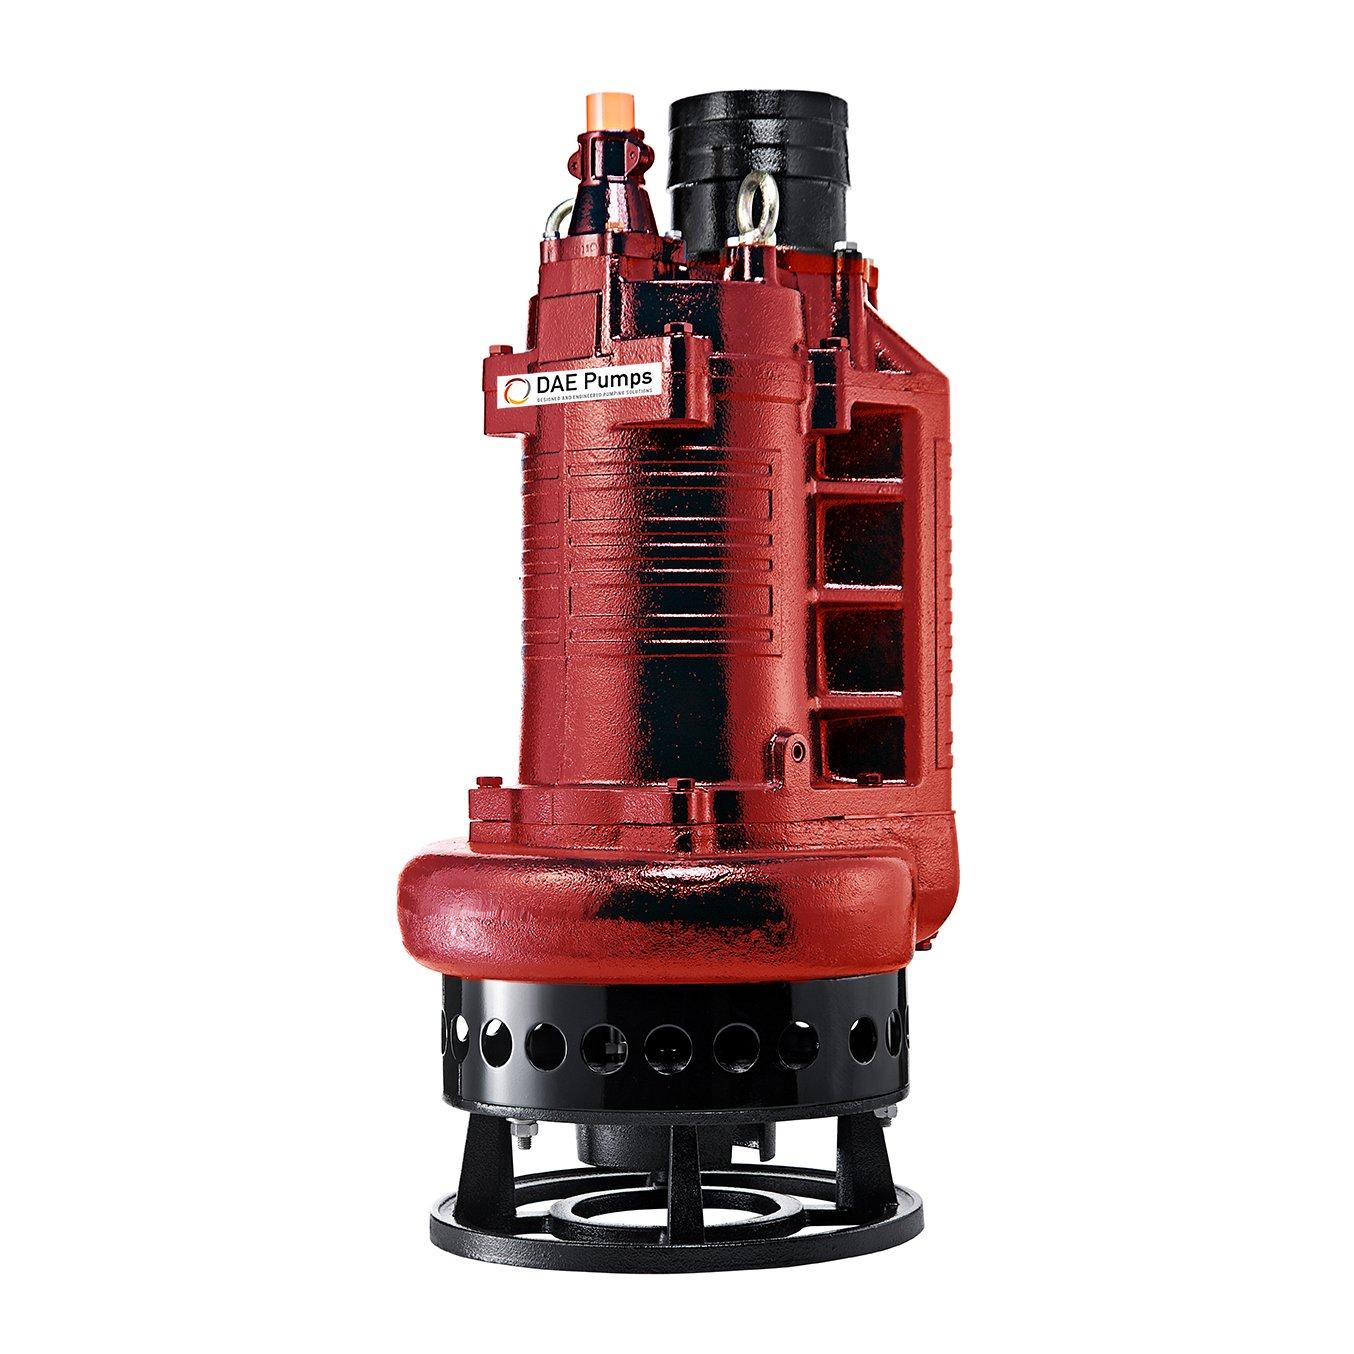 DAE Pumps 6150-P Submersible Slurry Pump